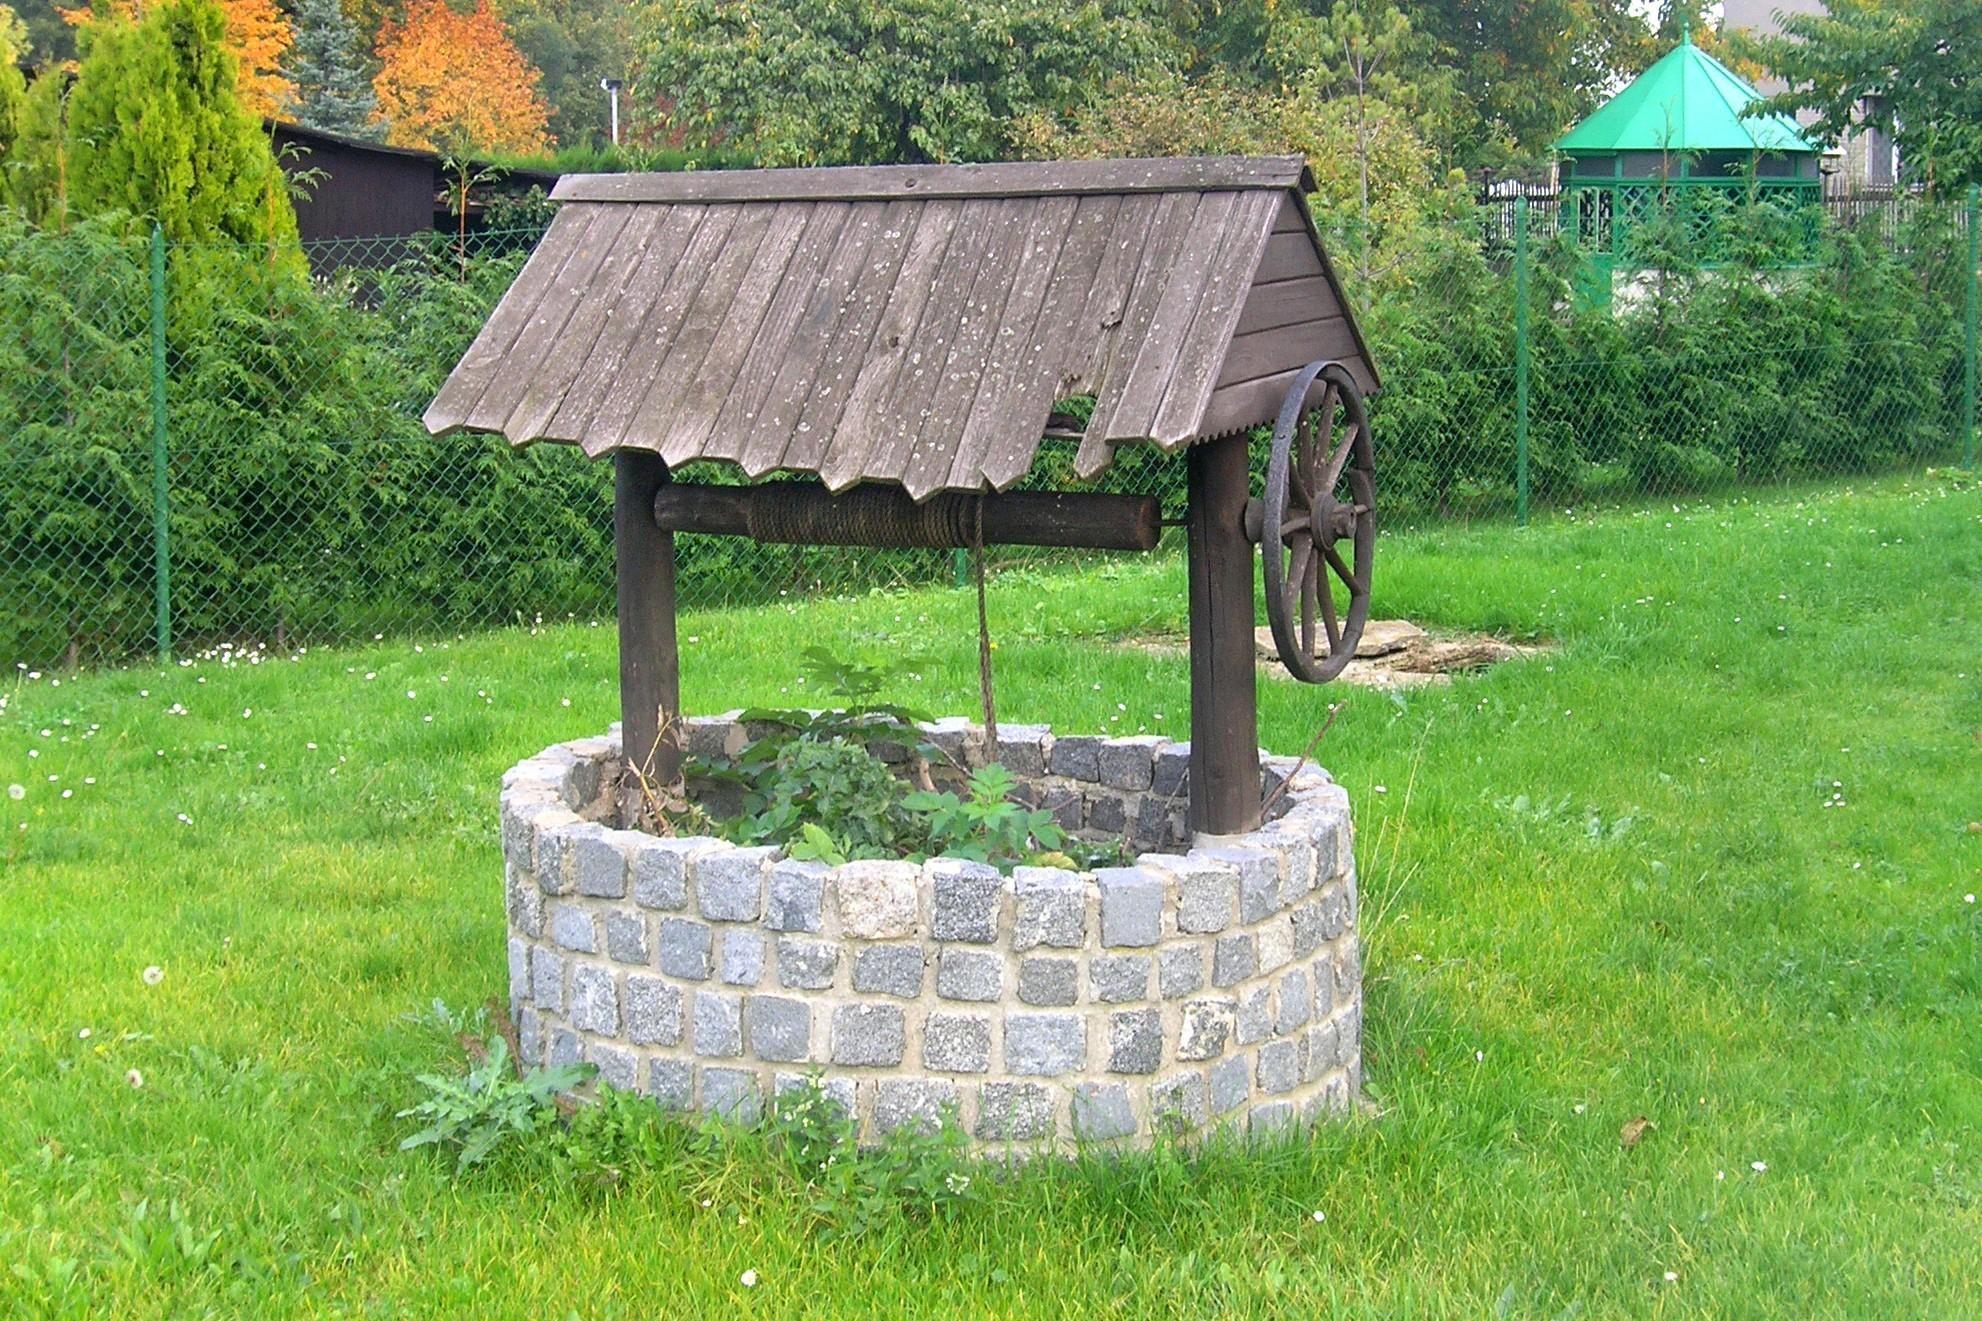 Pozzi Da Giardino In Pietra.Come Costruire Un Pozzo In Pietra In Giardino Vivere In Campagna